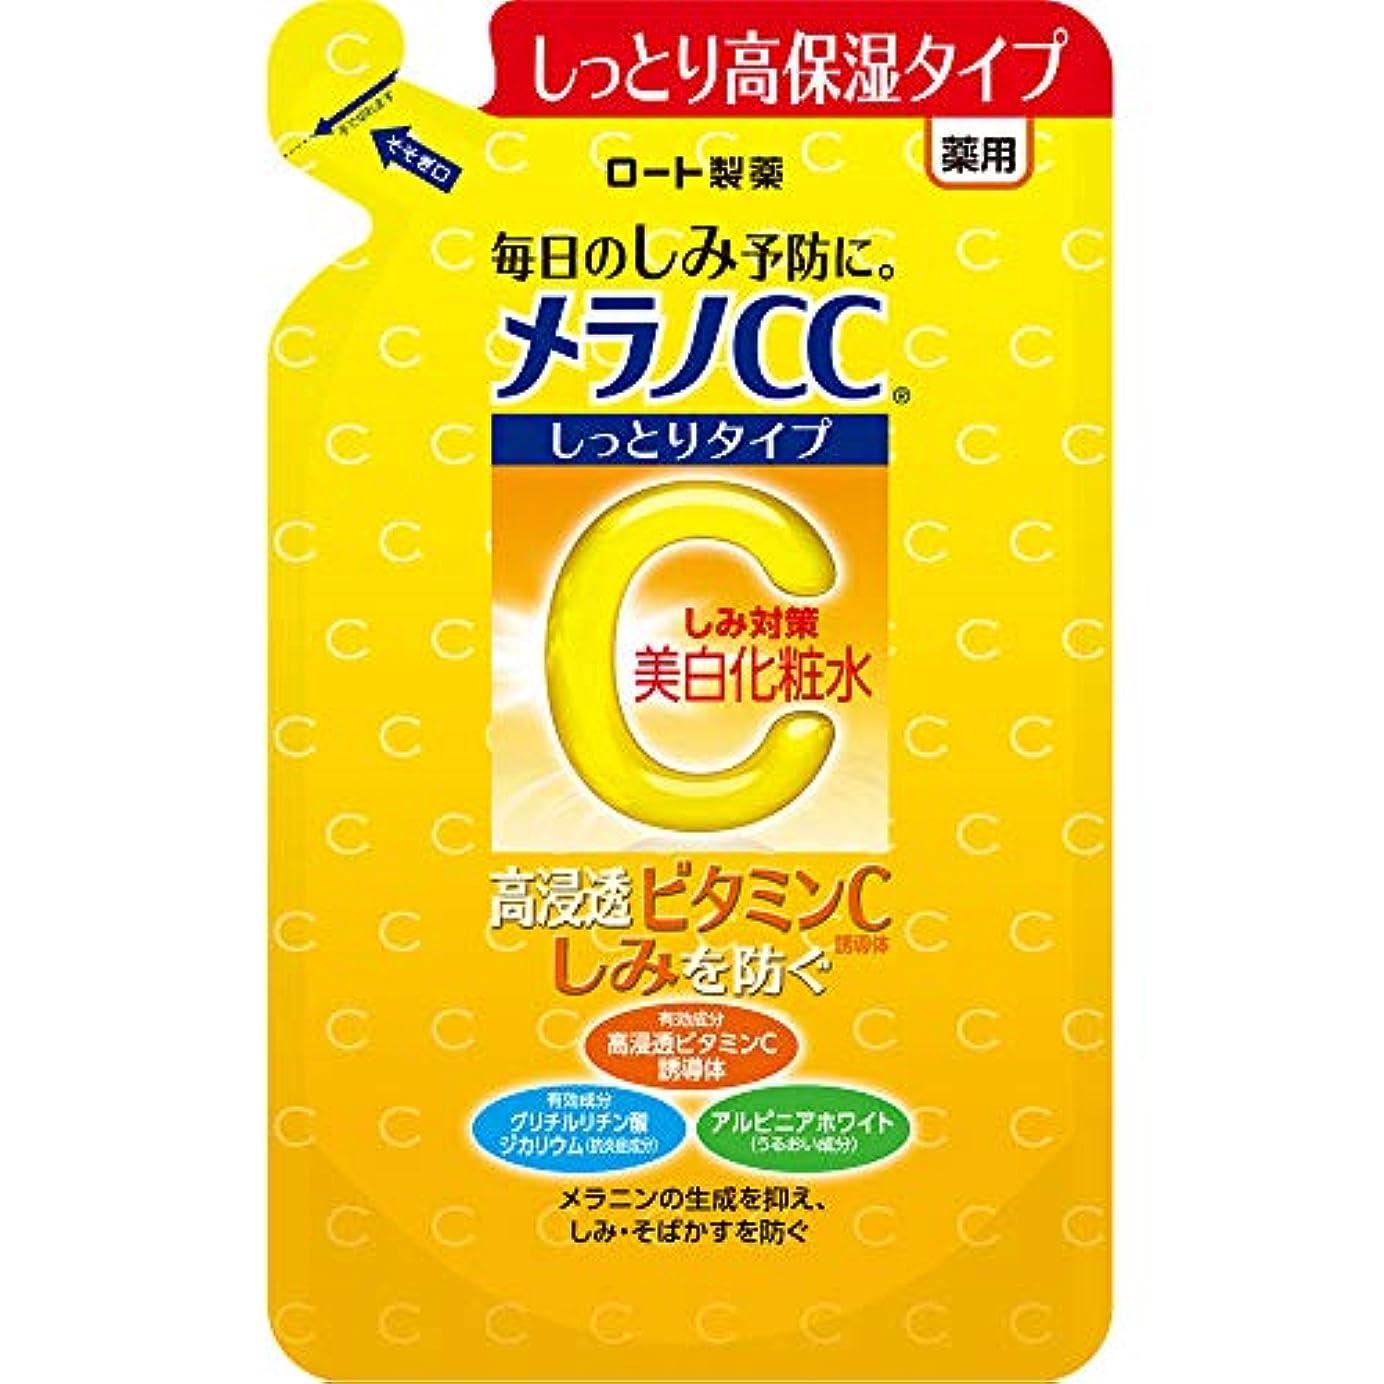 前奏曲反論満了メラノCC 薬用しみ対策美白化粧水 しっとりタイプ つめかえ用 170mL